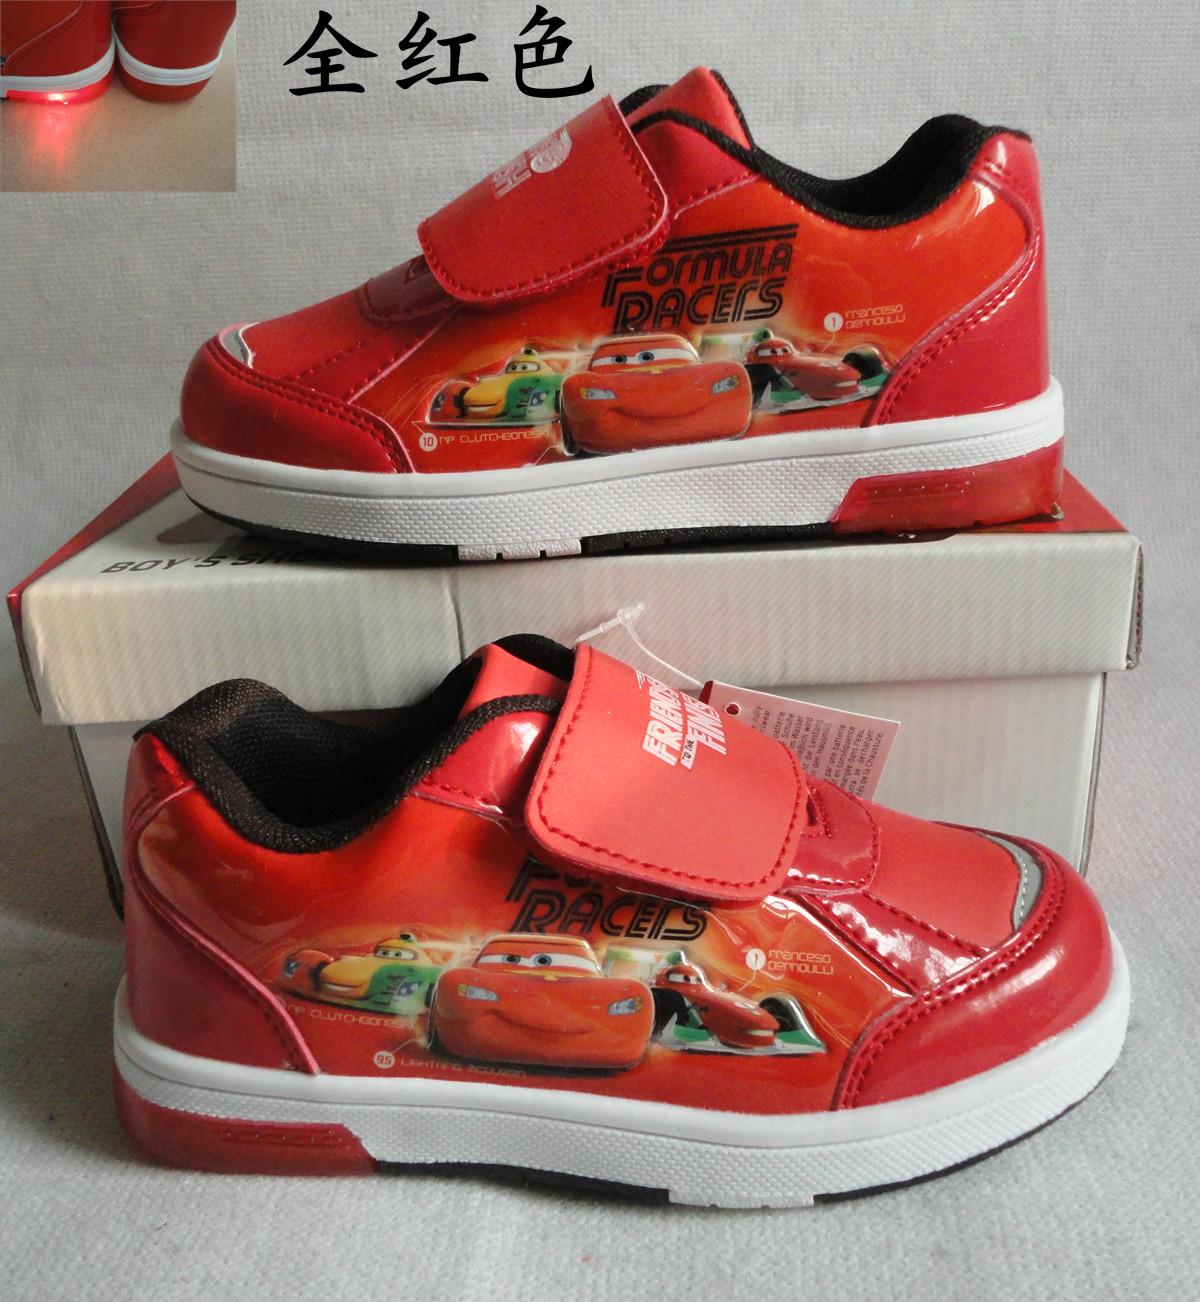 Дисней Молния Маккуин Диснея мальчиков обувь авто Чистка Flash обувь Обувь случайные кроссовки пакеты электронная почта